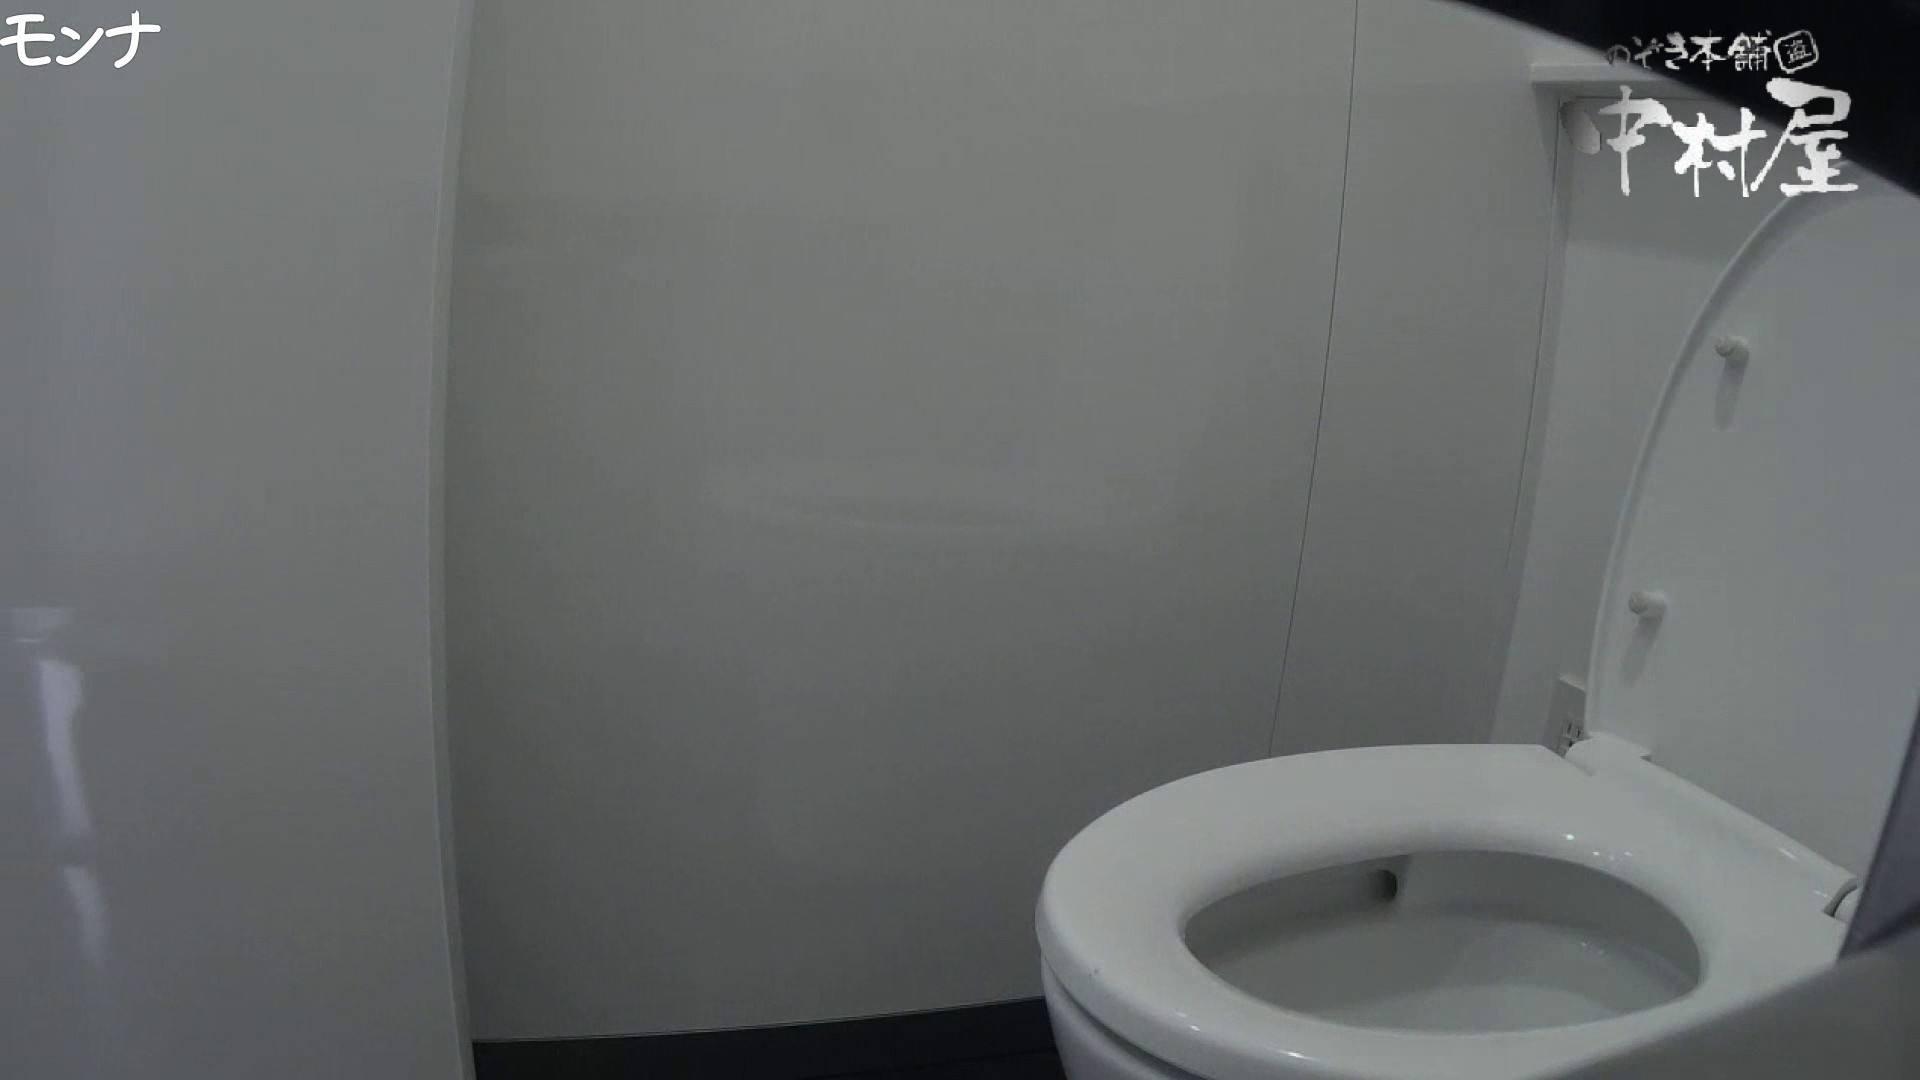 有名大学女性洗面所 vol.65 秘技!!マルチアングル天井撮り!! マルチアングル  106PIX 95